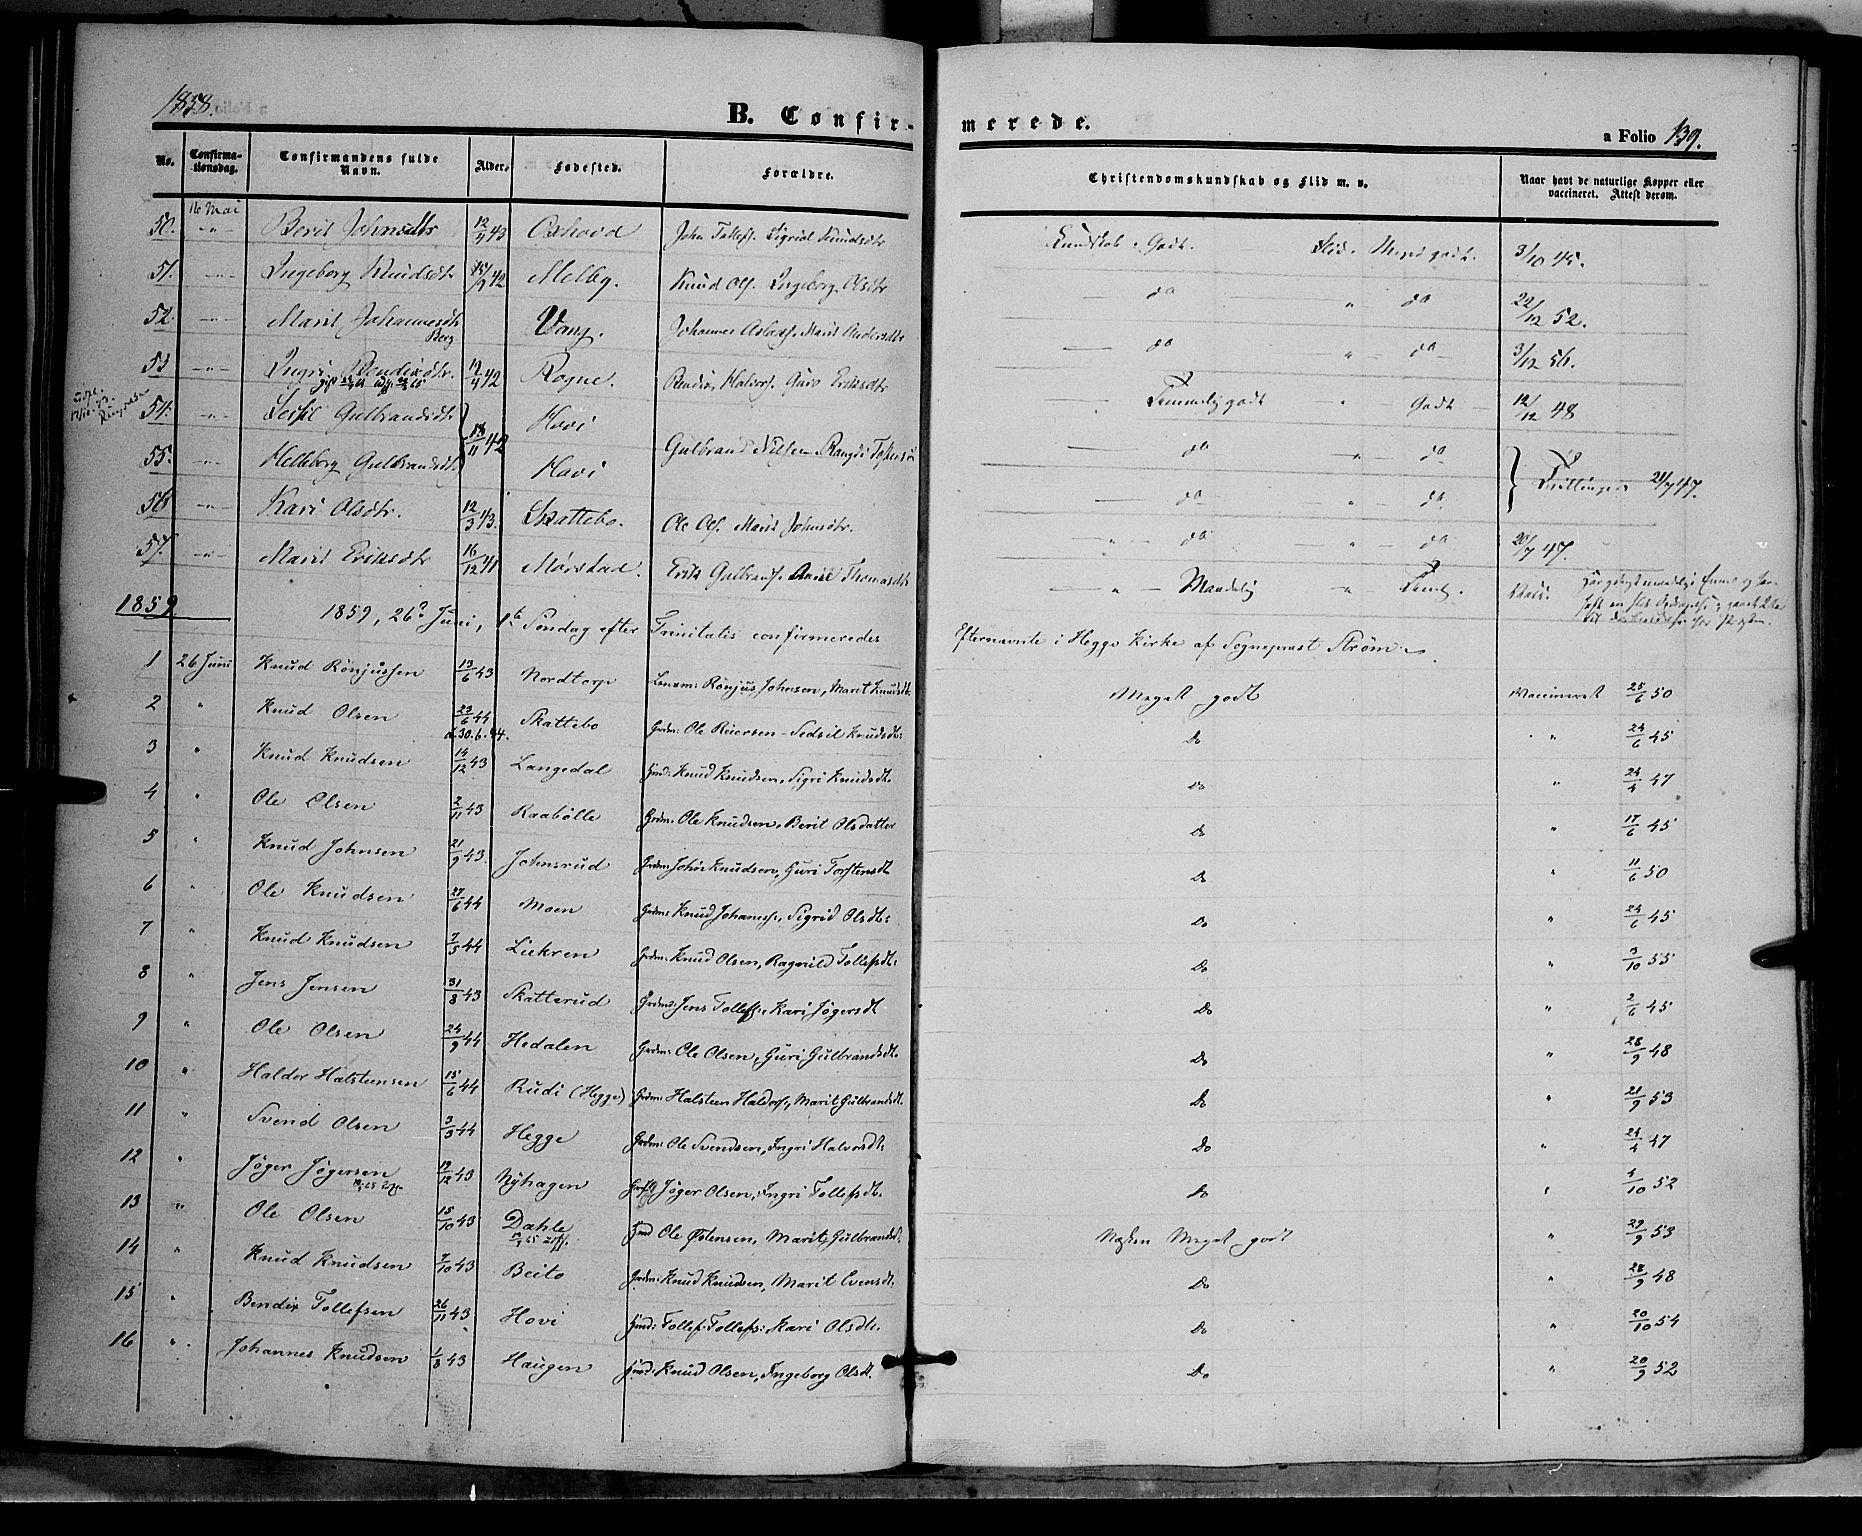 SAH, Øystre Slidre prestekontor, Ministerialbok nr. 1, 1849-1874, s. 139